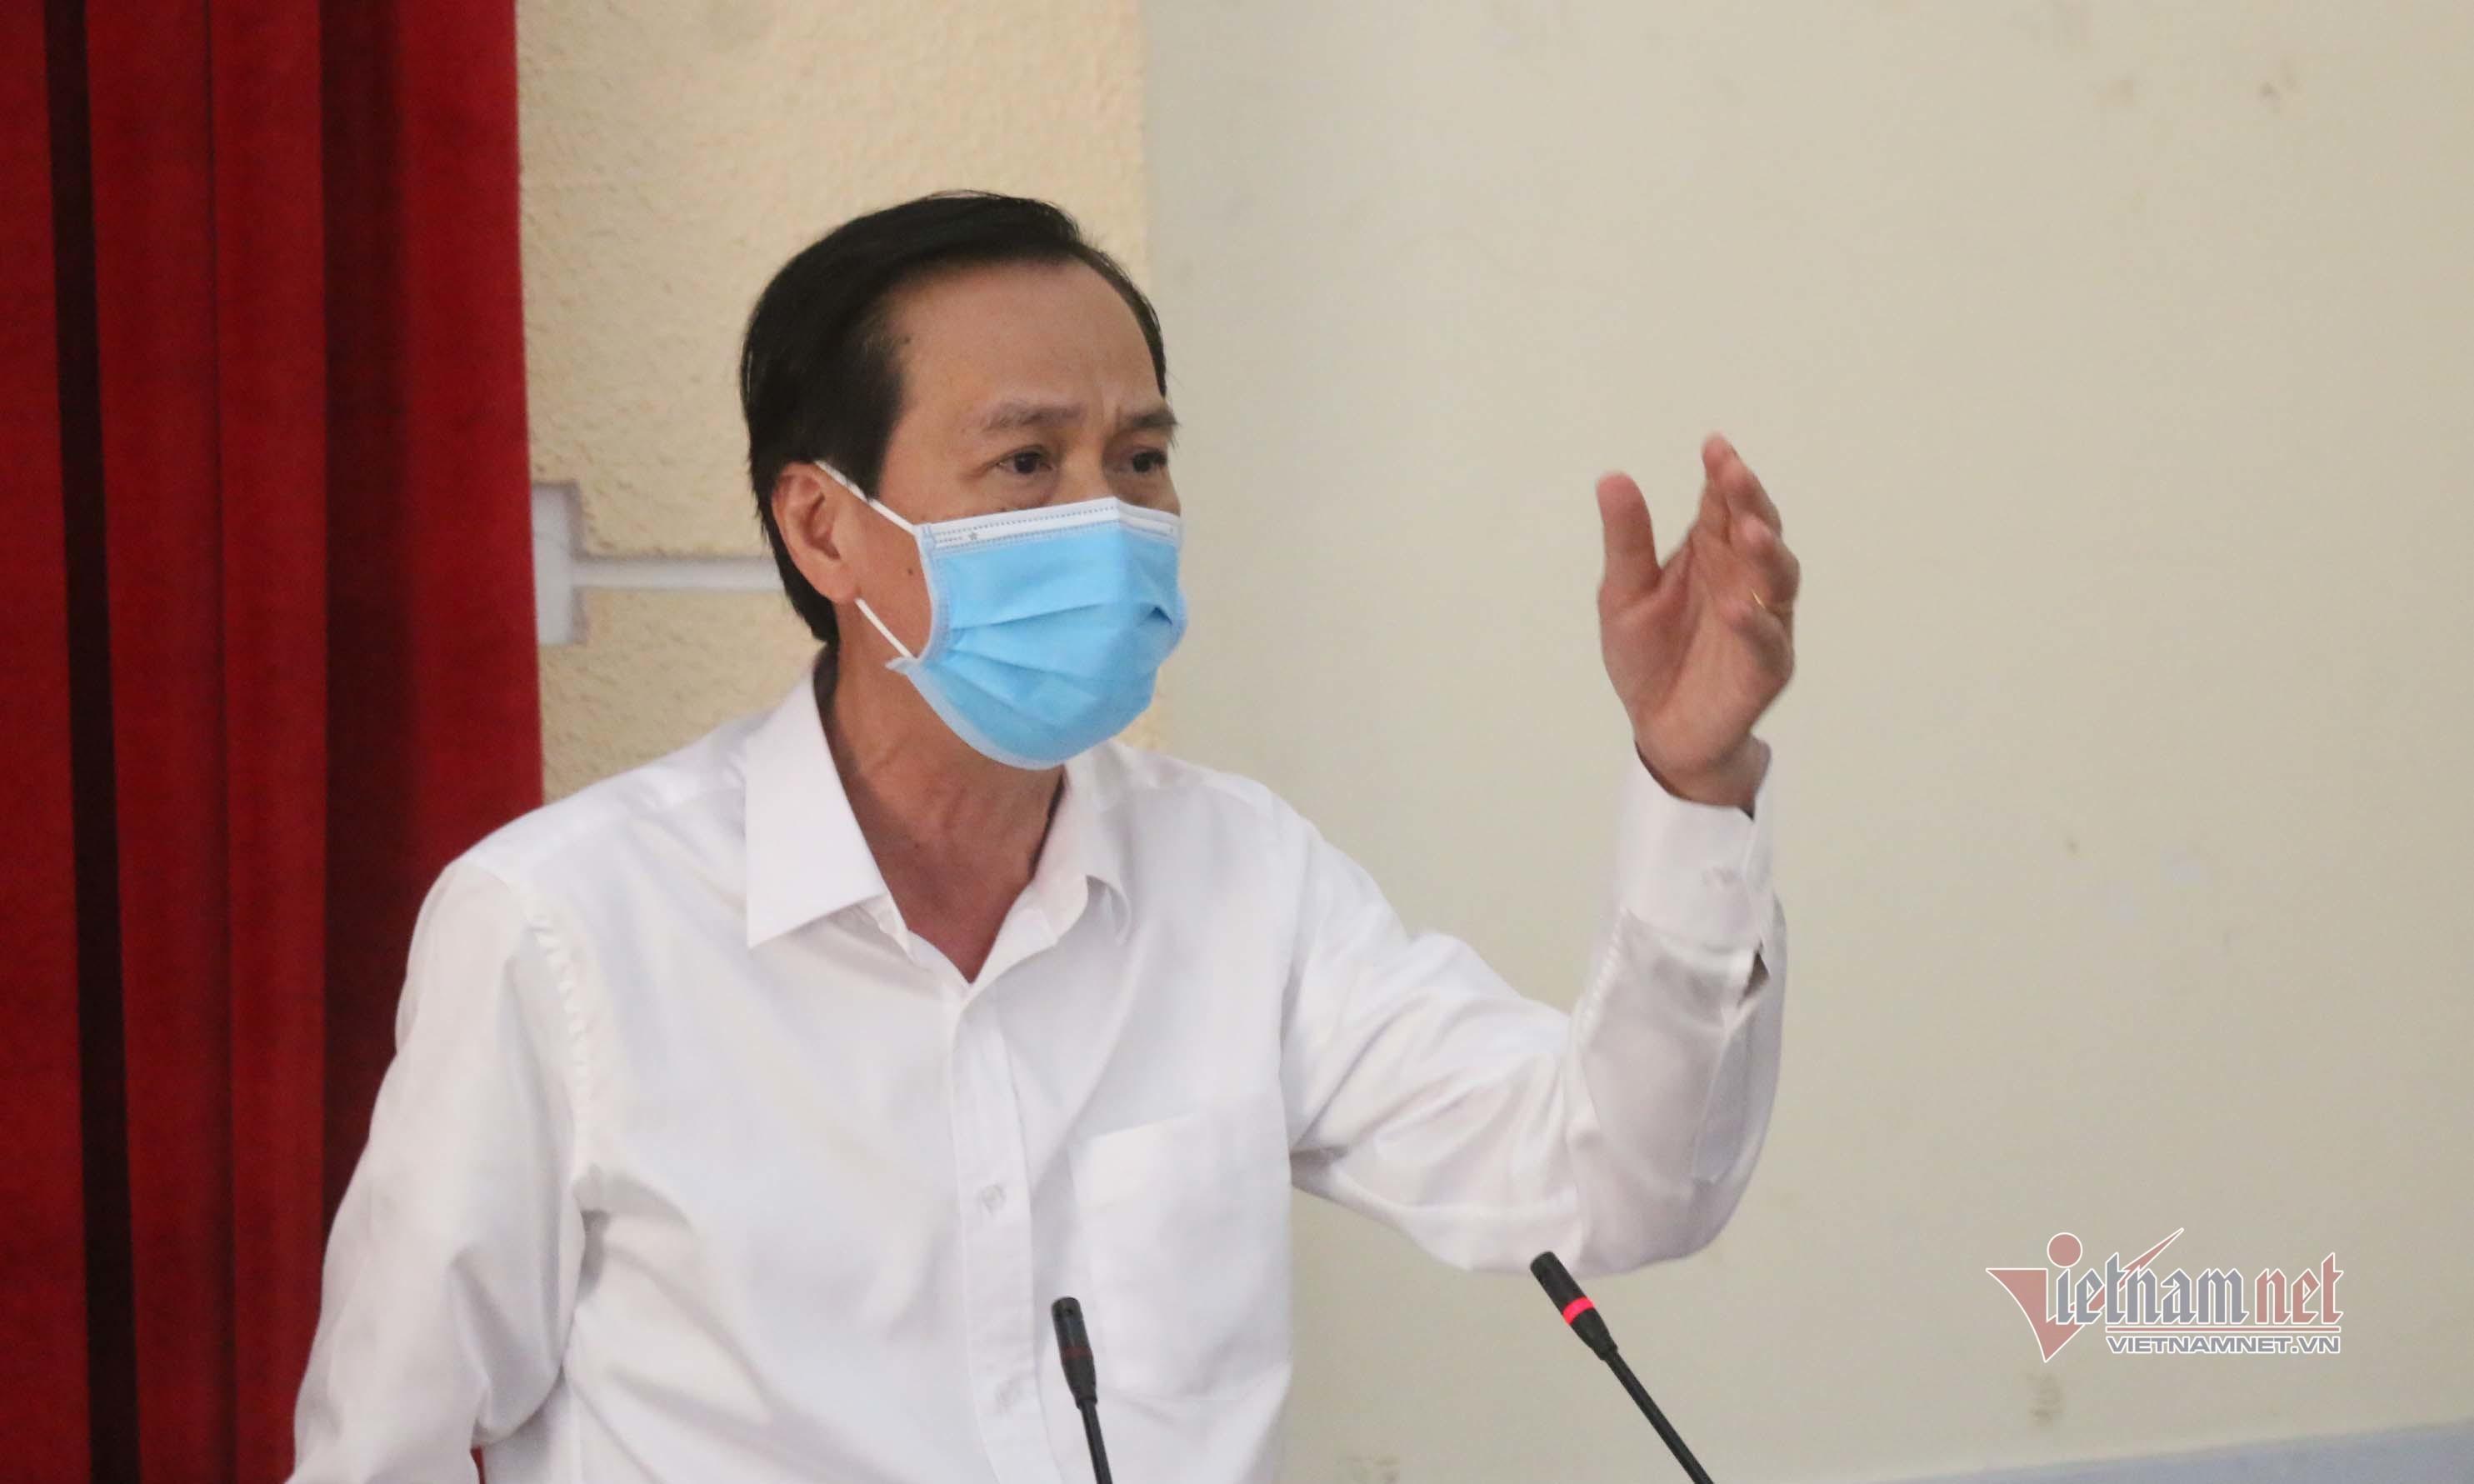 Chủ tịch TP.HCM nổi nóng khi chủ tịch quận nói thiếu khẩu trang